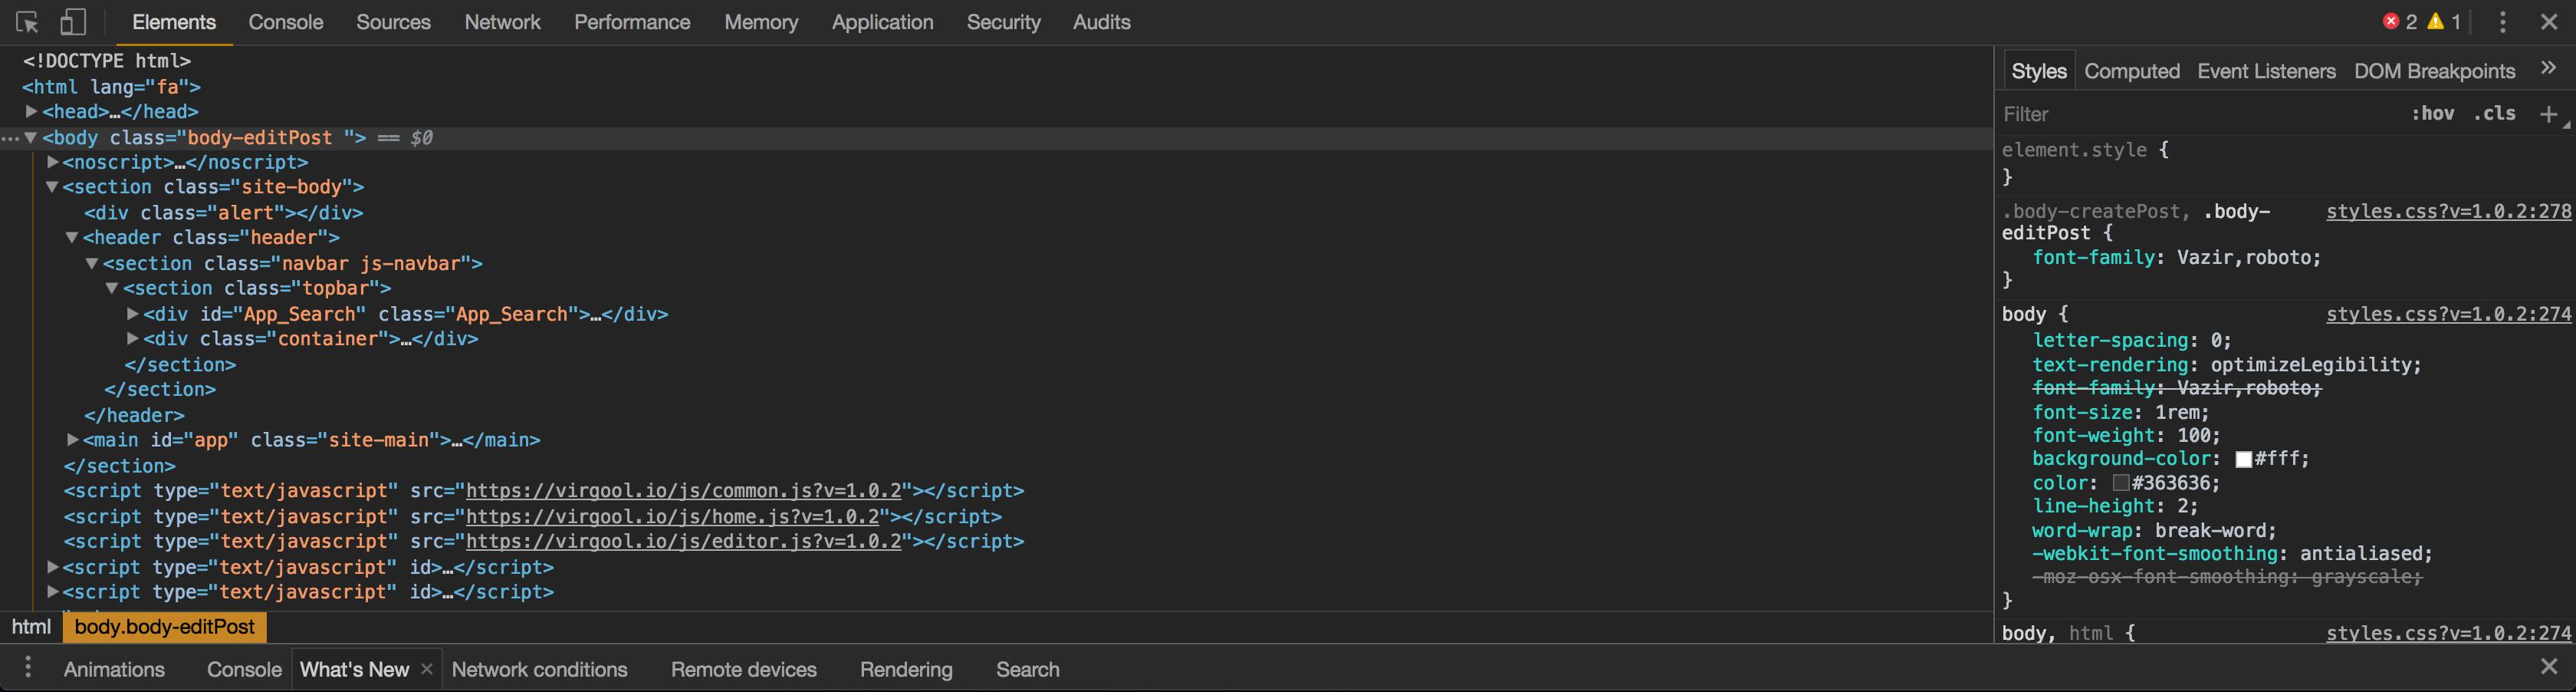 ابزارهای حرفهای Chrome Developer Tools برای توسعه دهندگان